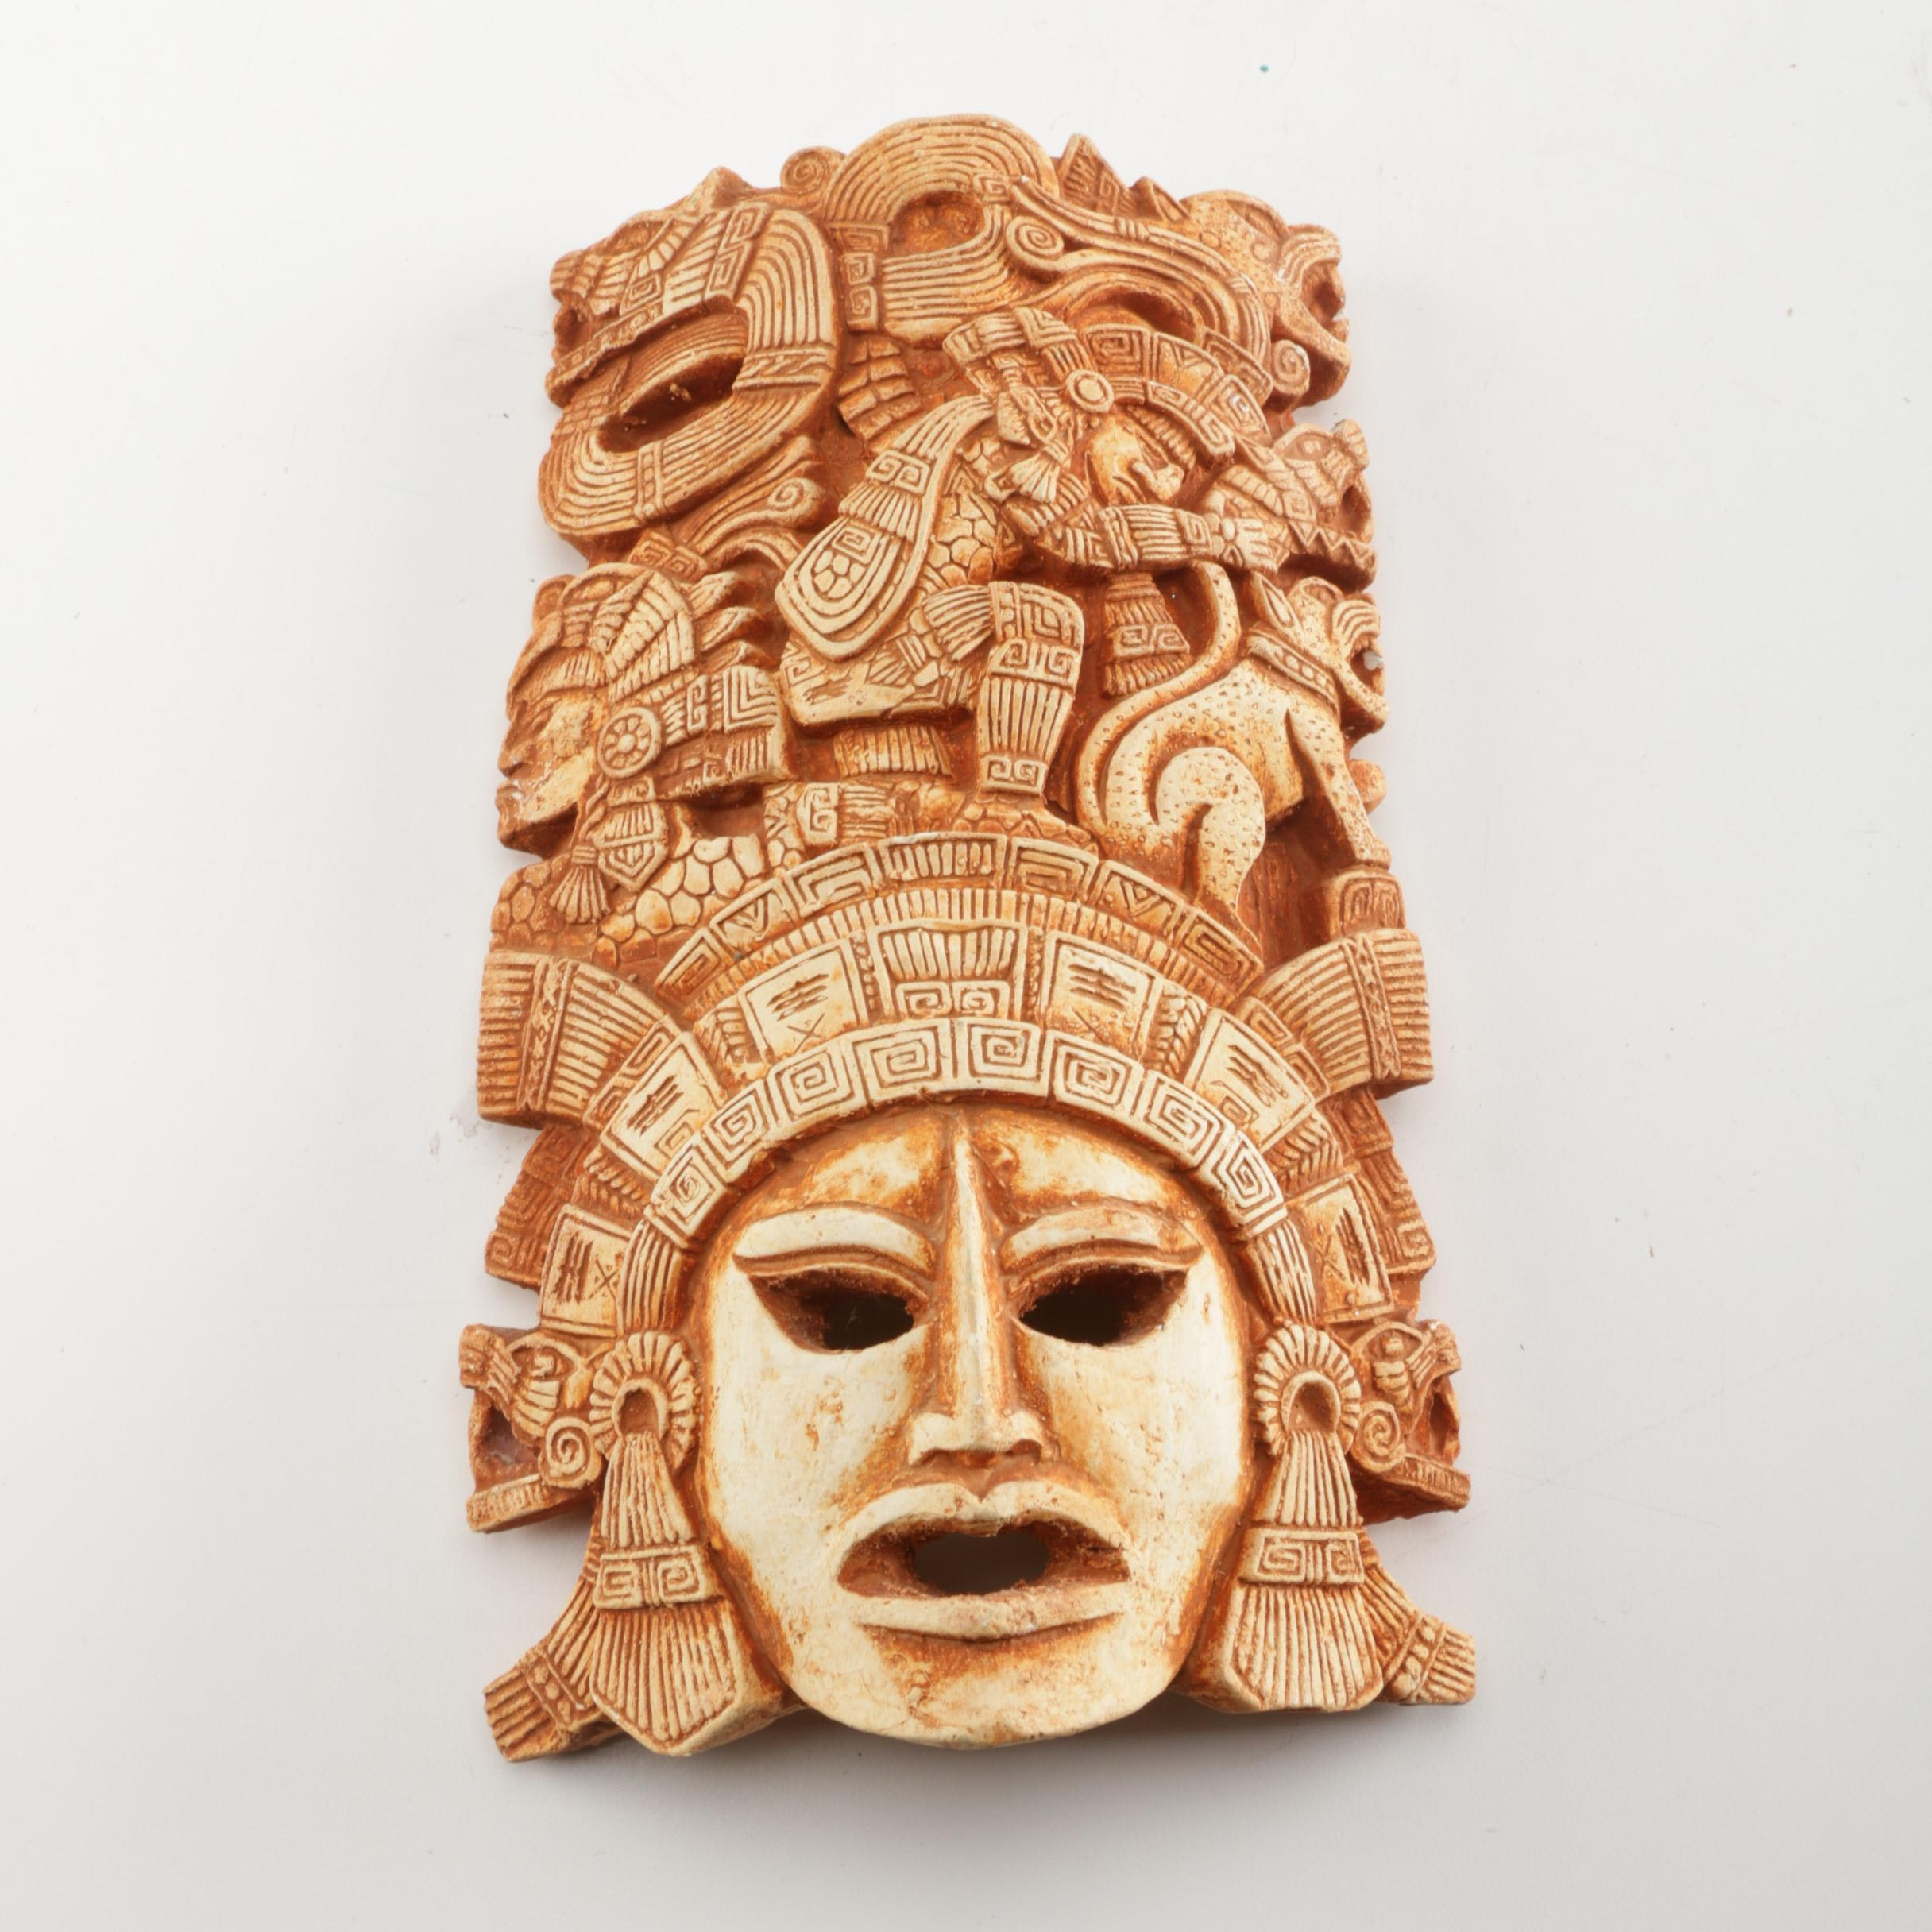 Aztec Inspired Ceramic Mask Sculpture